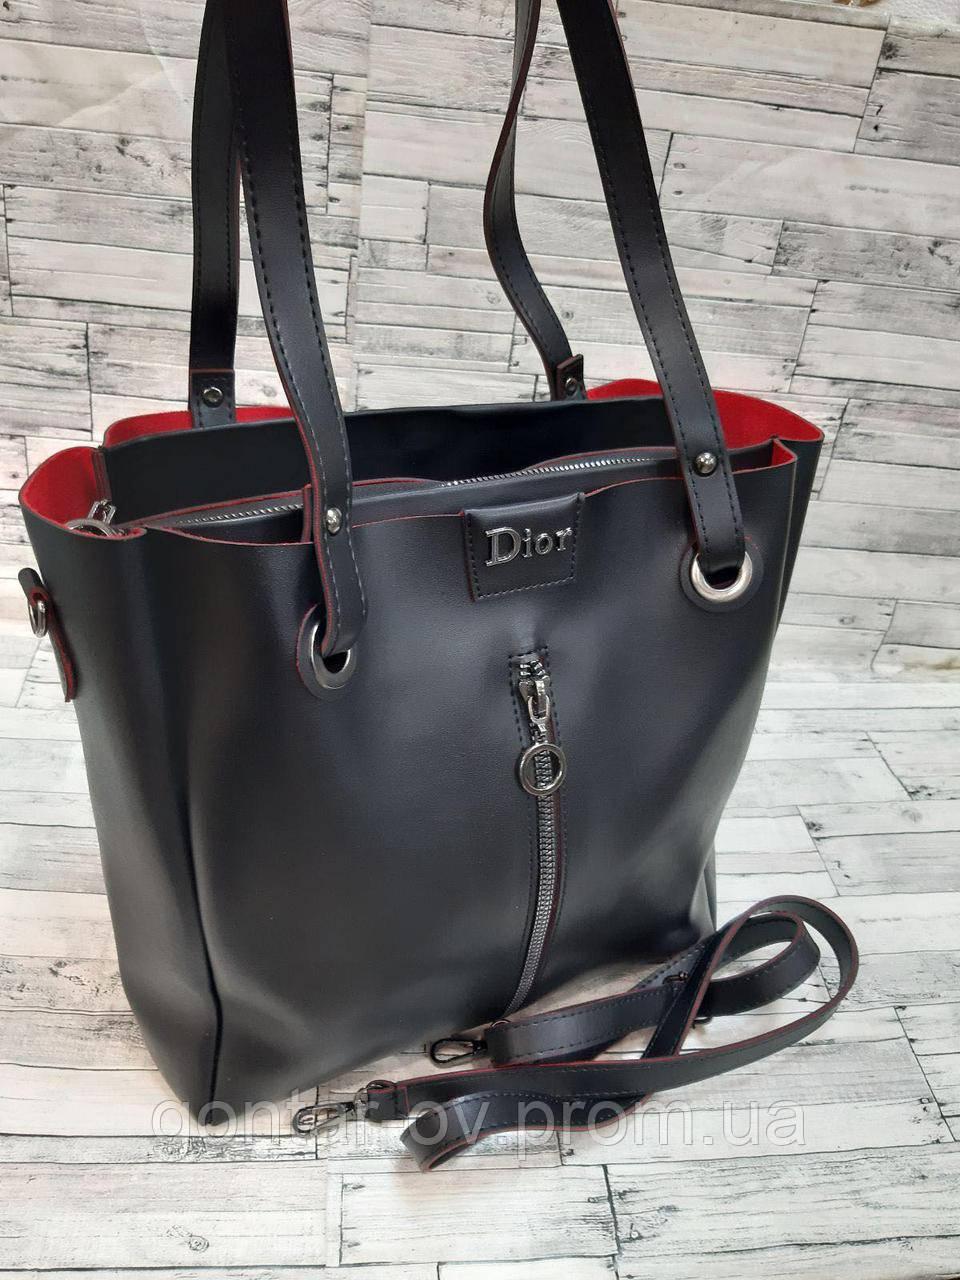 Чорна жіноча сумка Діор Dior з червоними зрізами